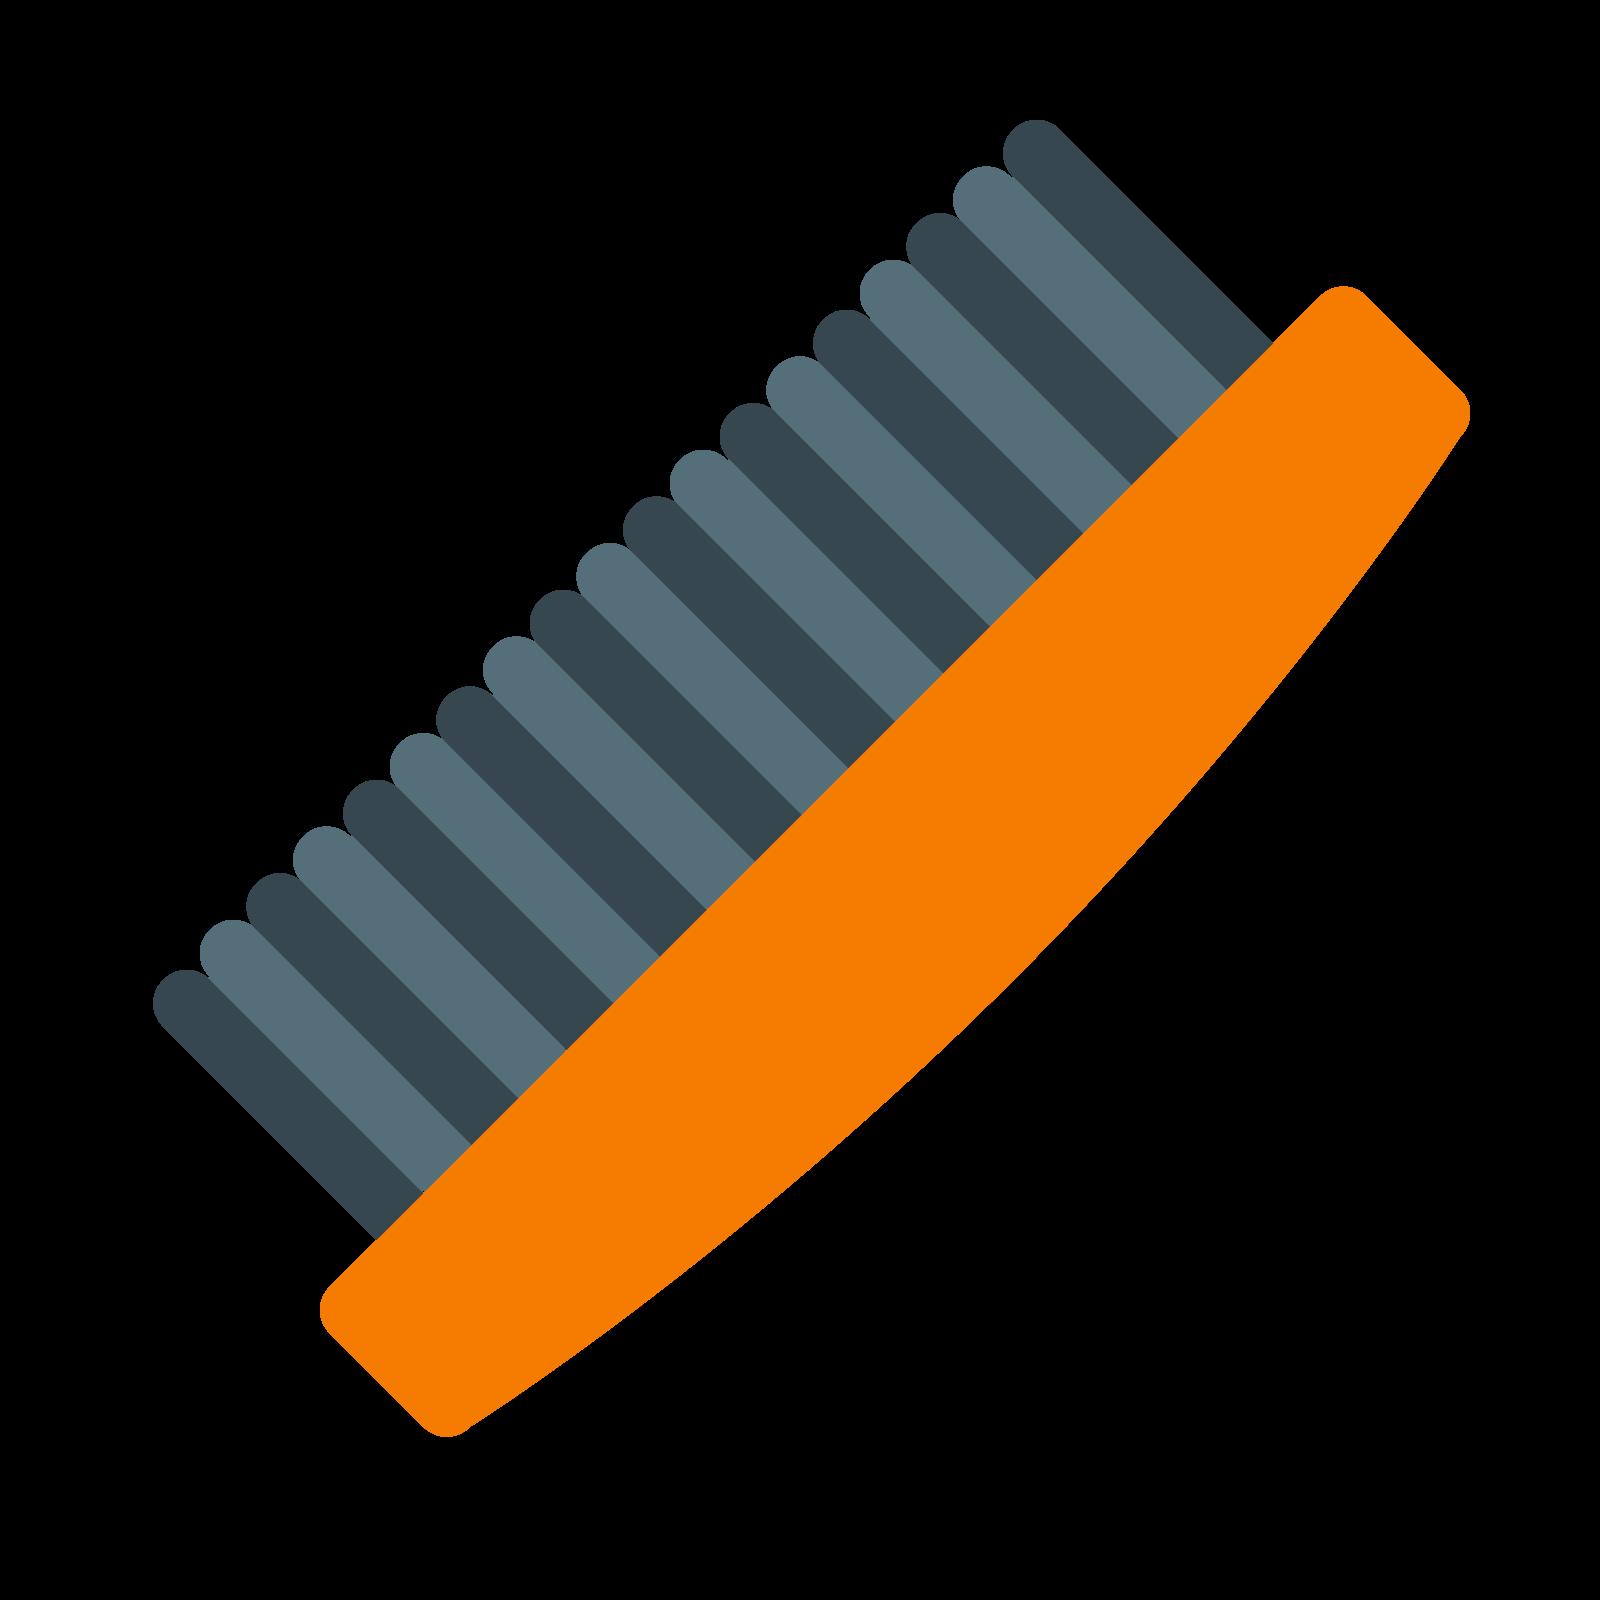 Shoe Brush 1 icon